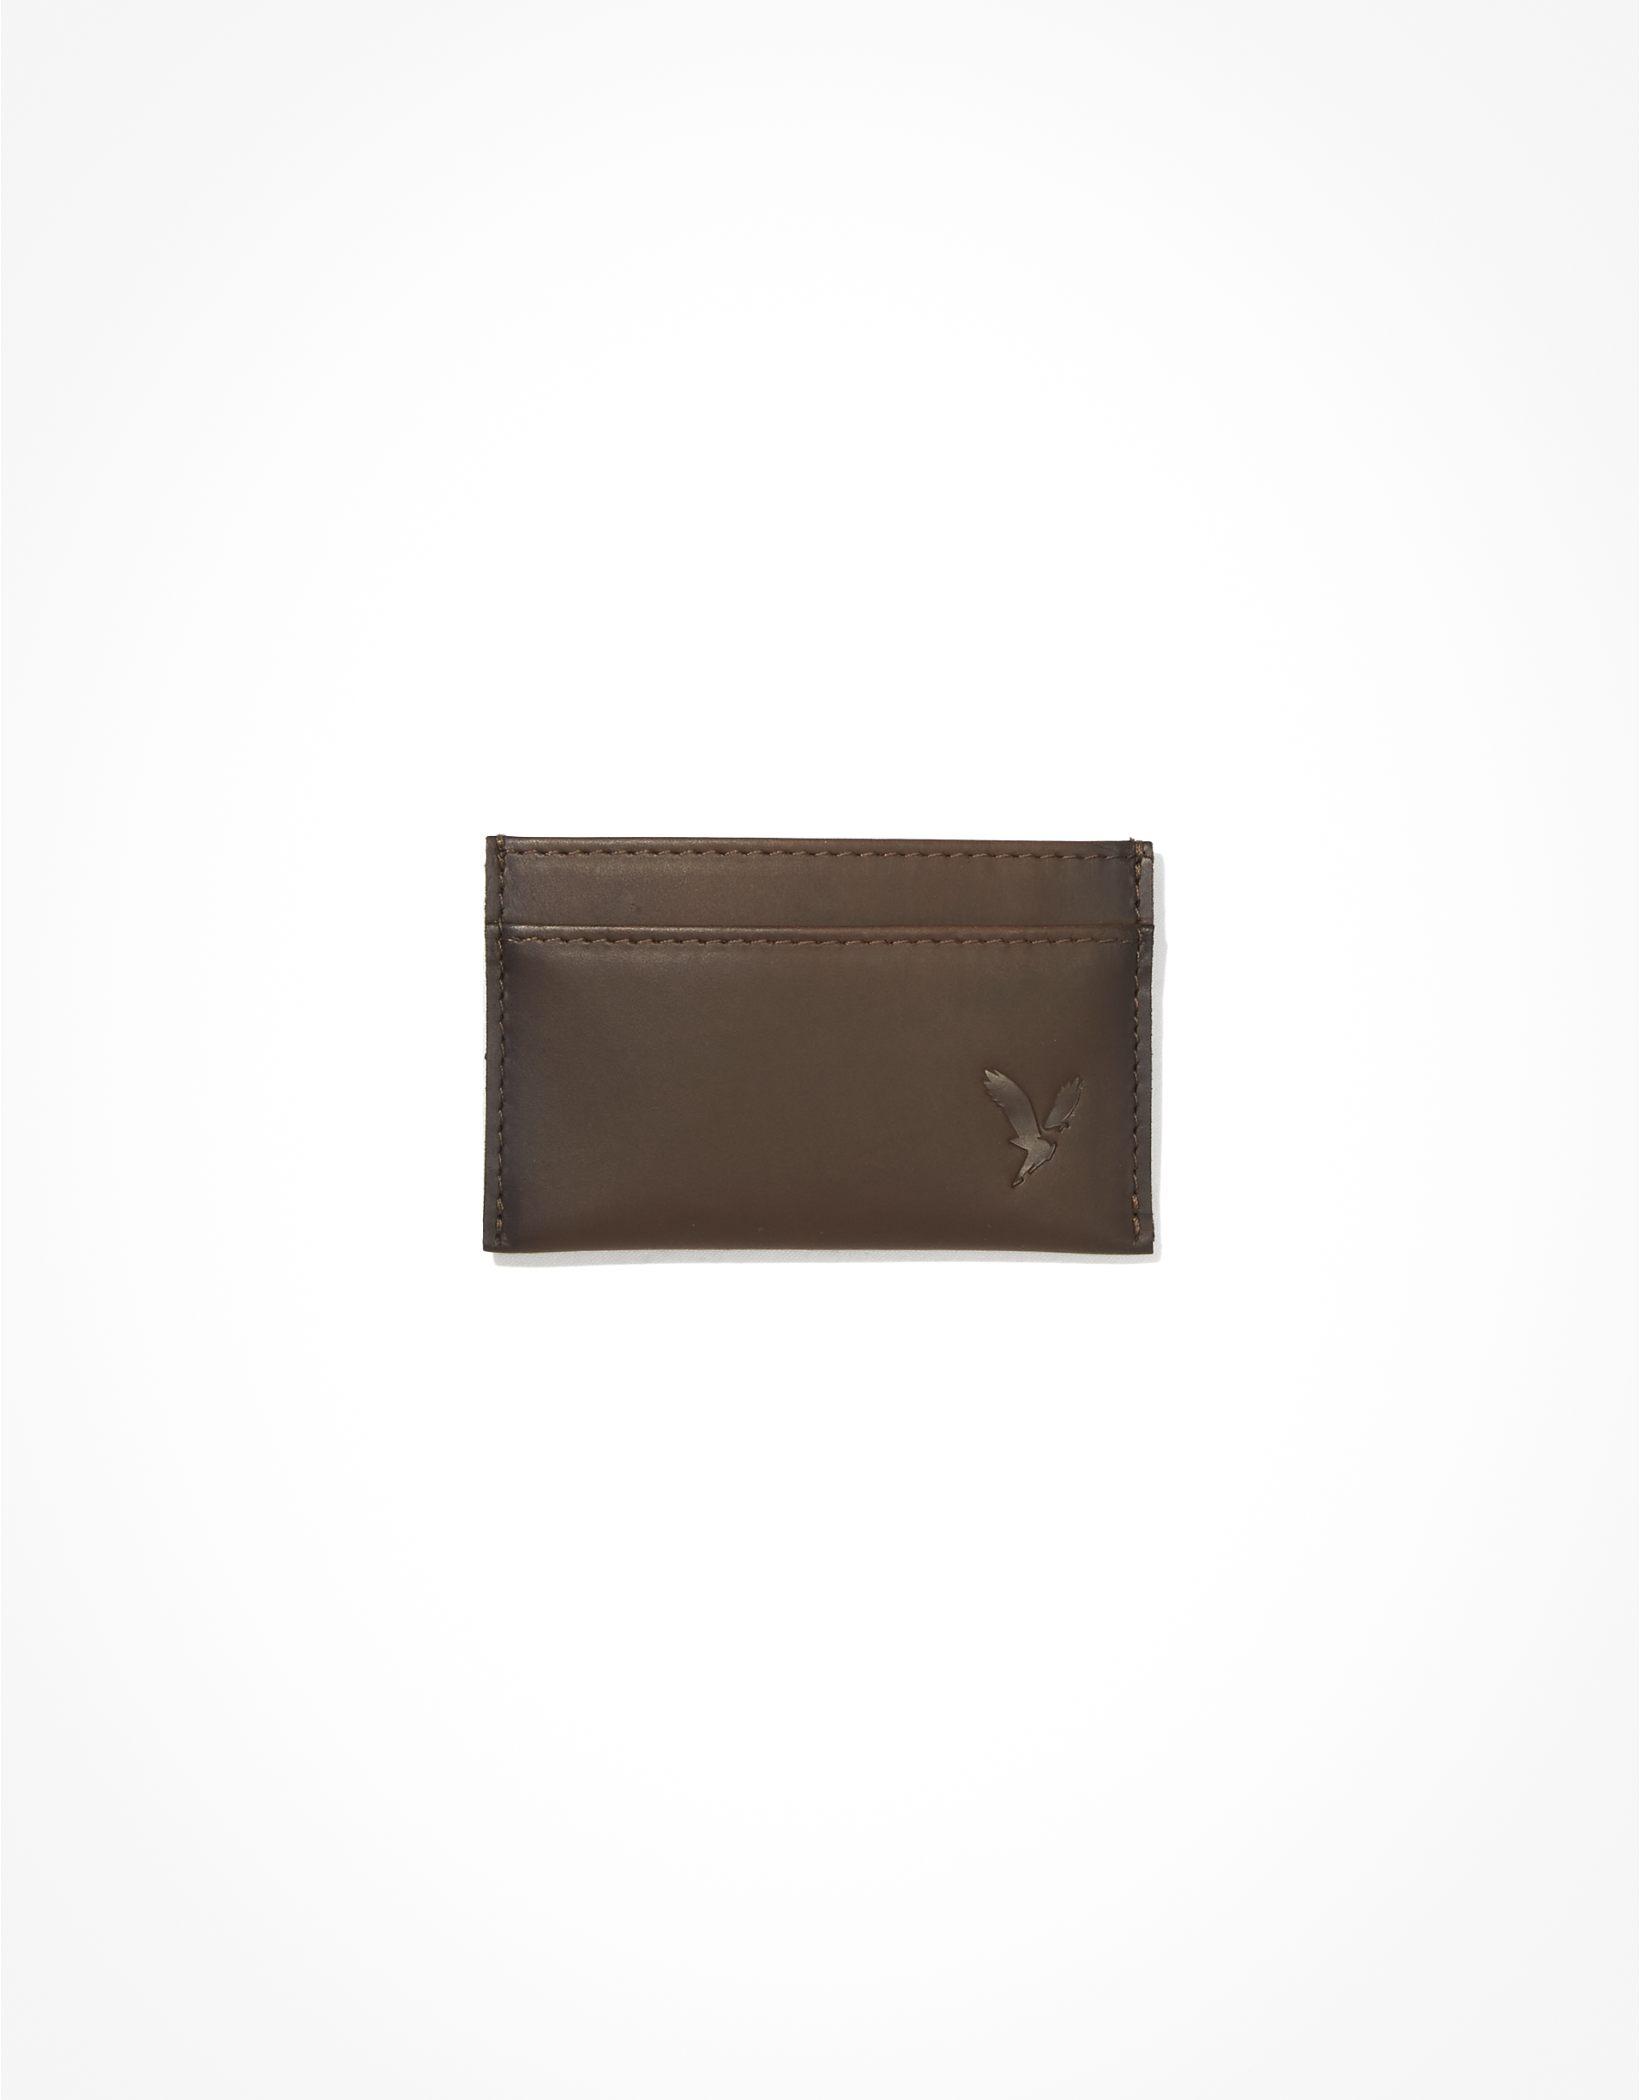 AEO Minimalist Card Holder